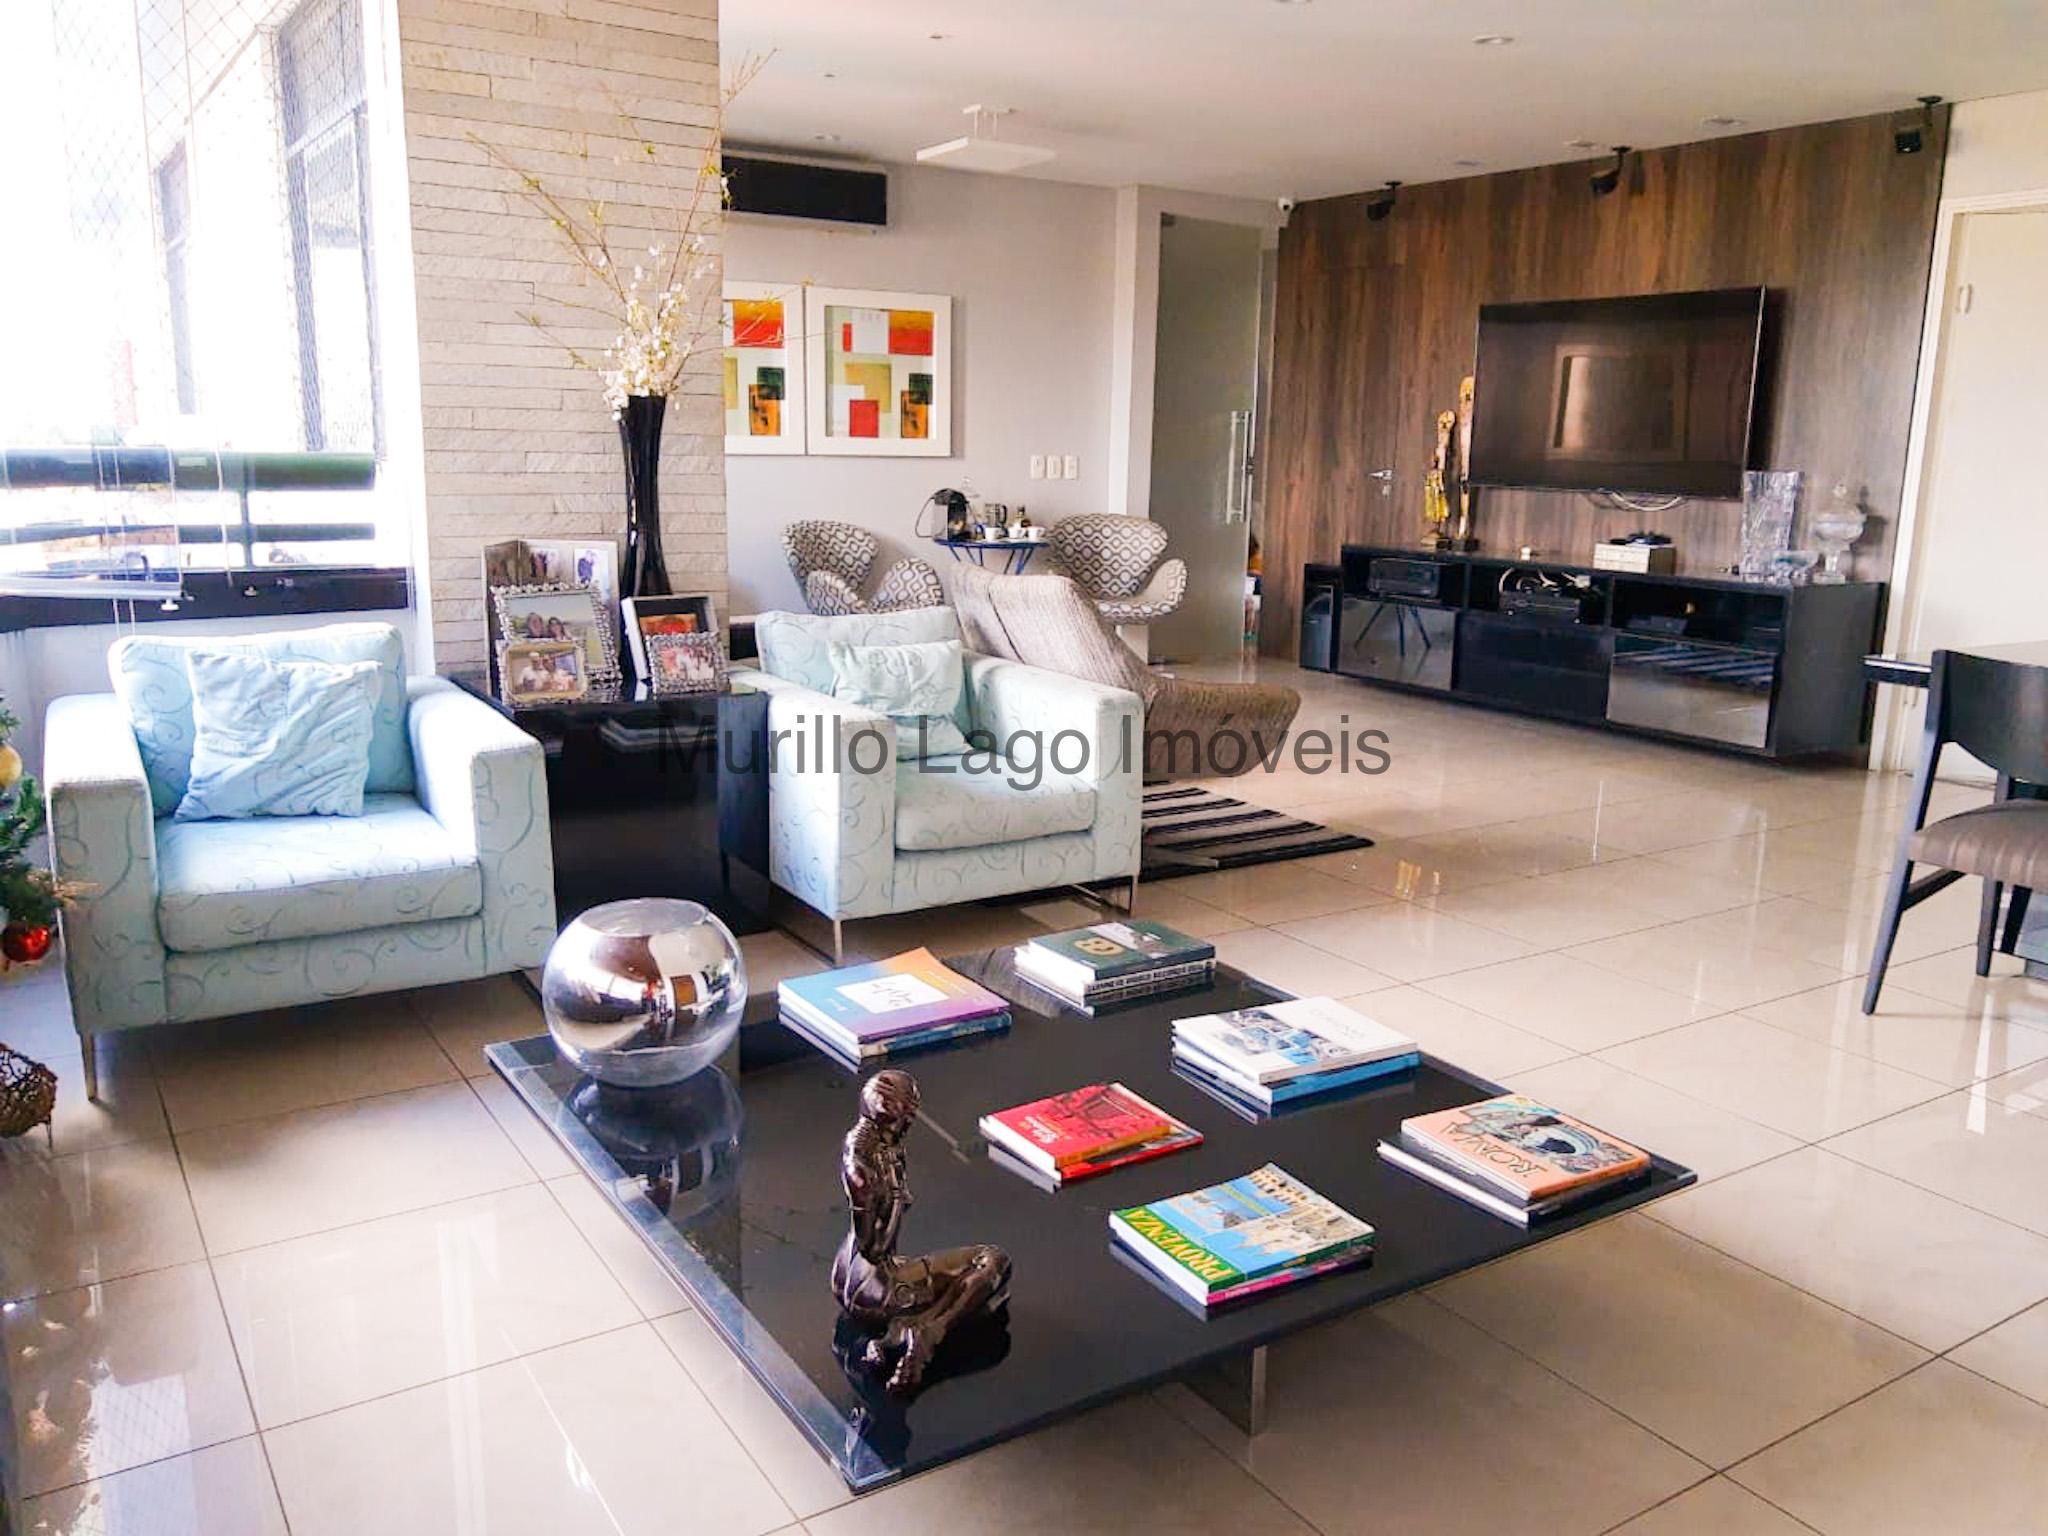 Apartamento venda 138m² bairro de Fátima Teresina – Murillo Lago Imóveis